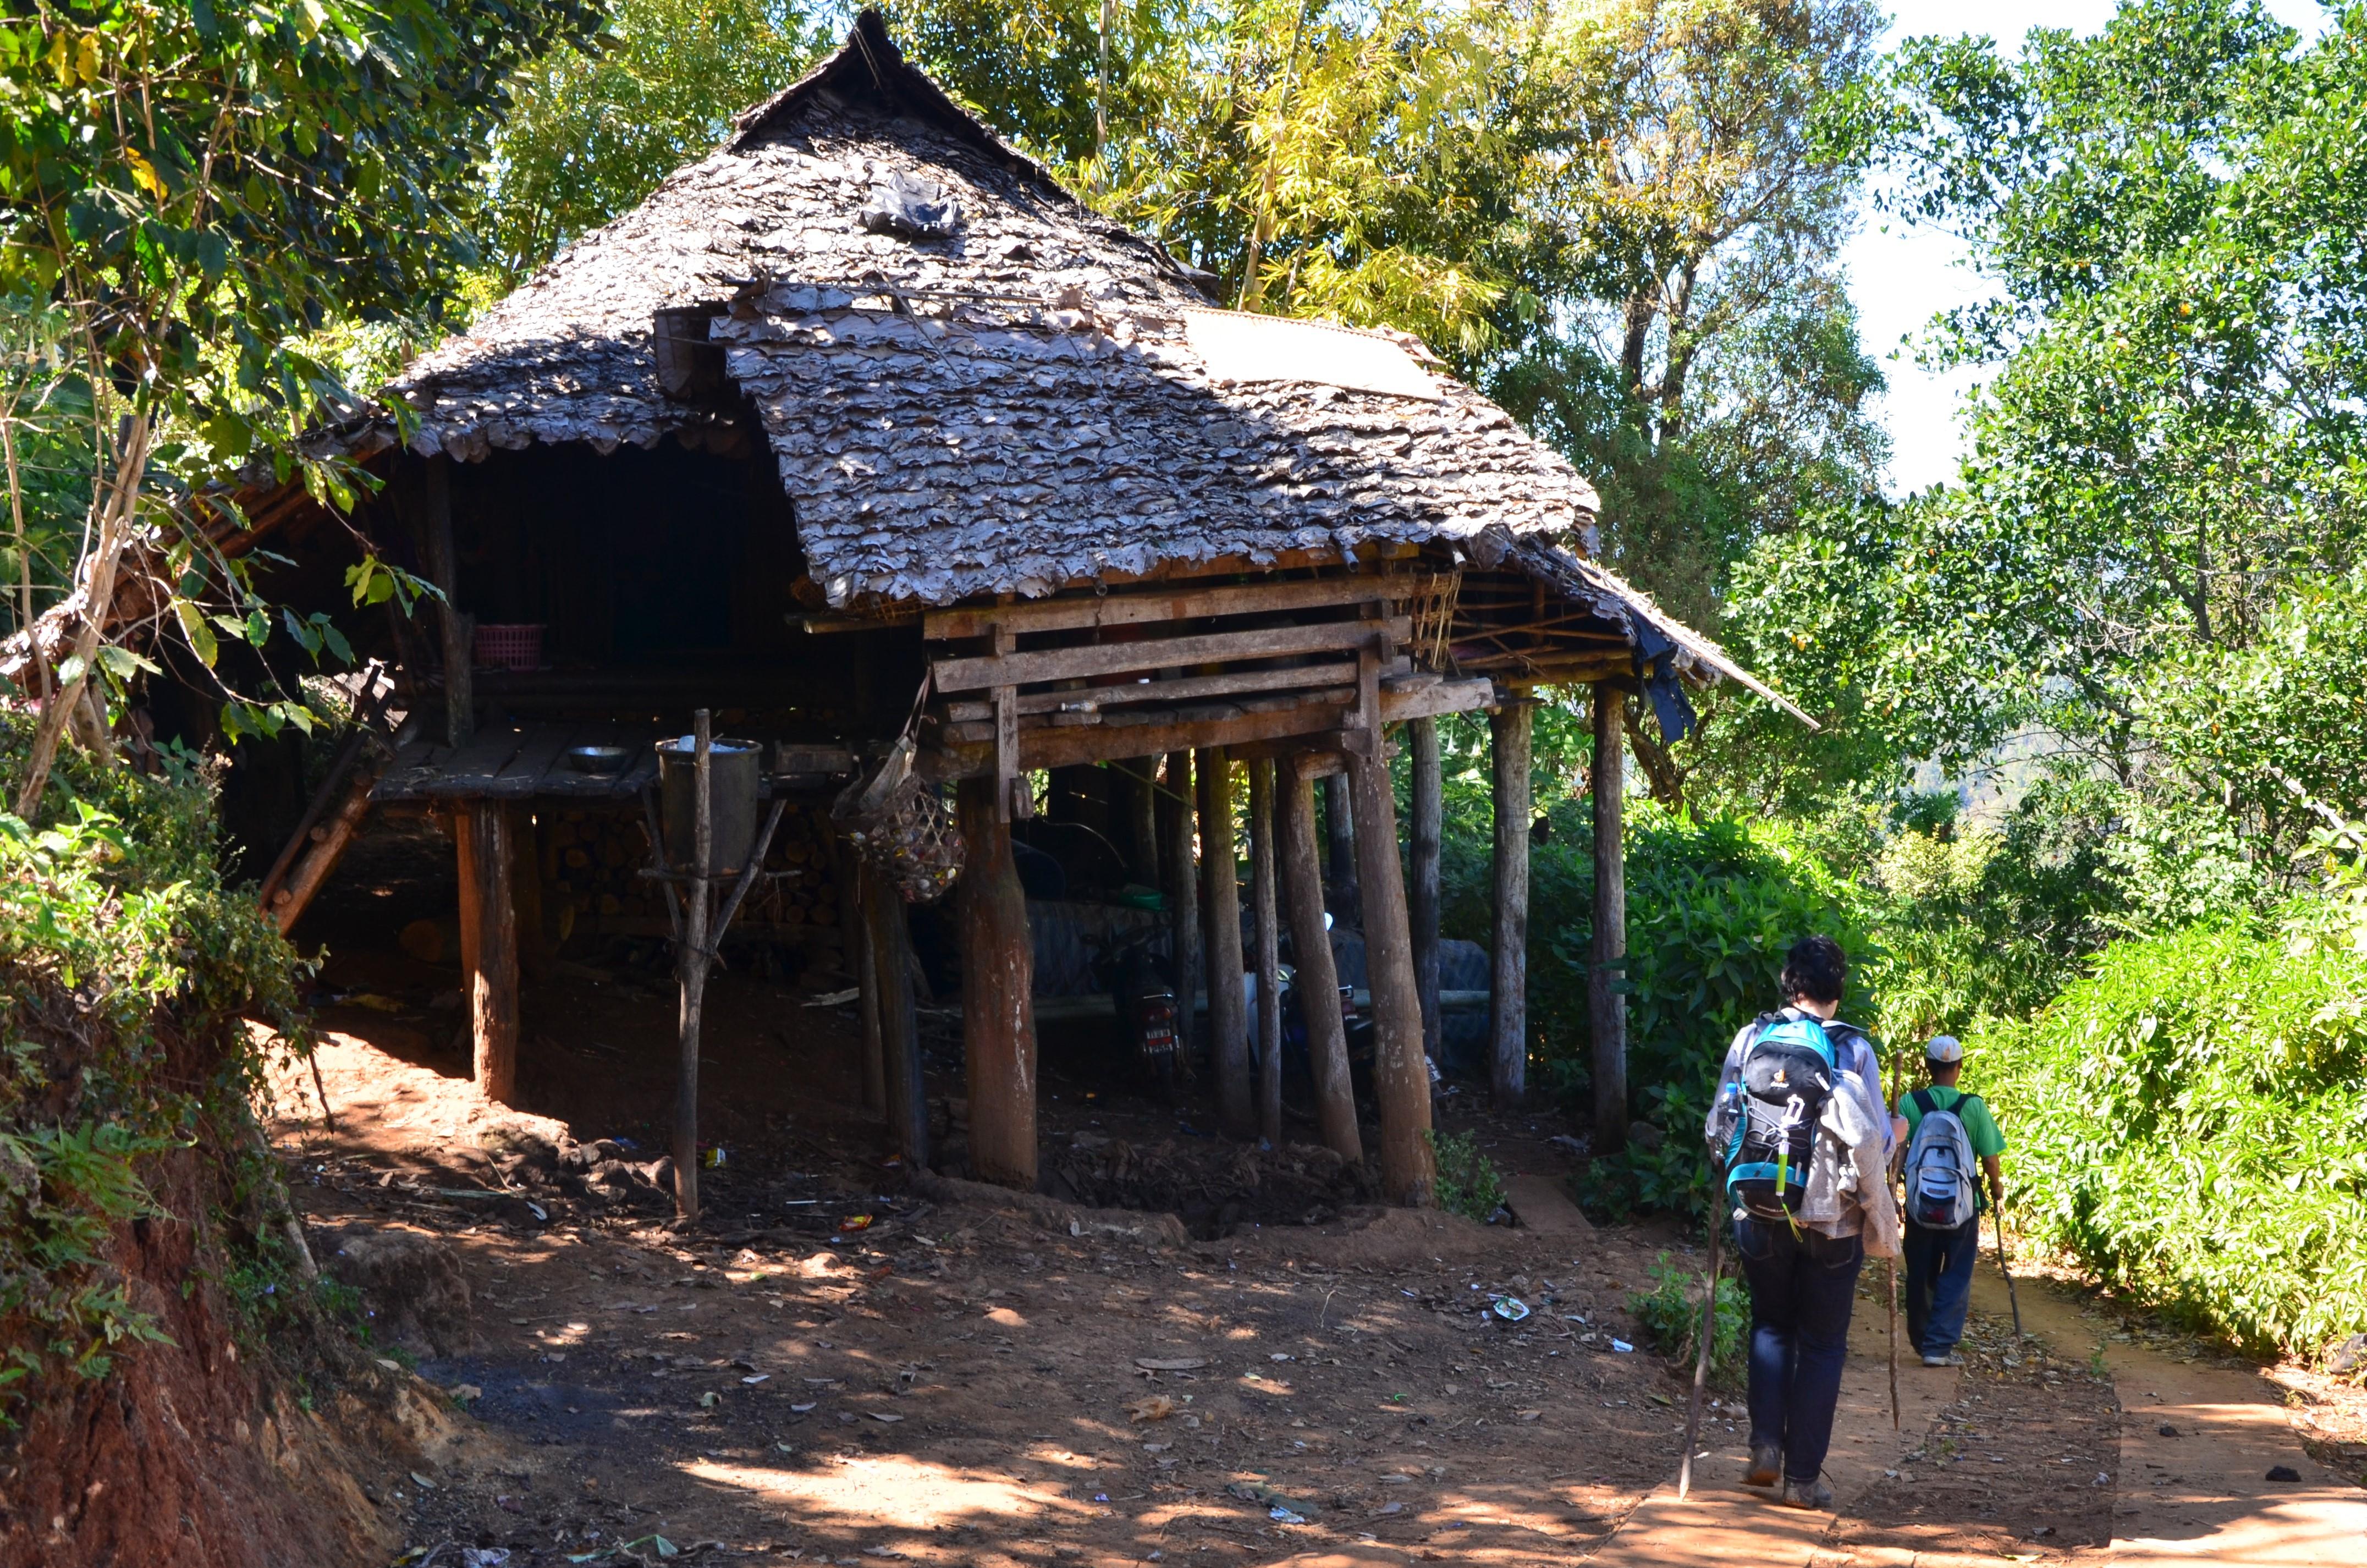 Нави и длинношеие женщины: поход в таиландские джунгли Нави и длинношеие женщины: поход в таиландские джунгли DSC 0953